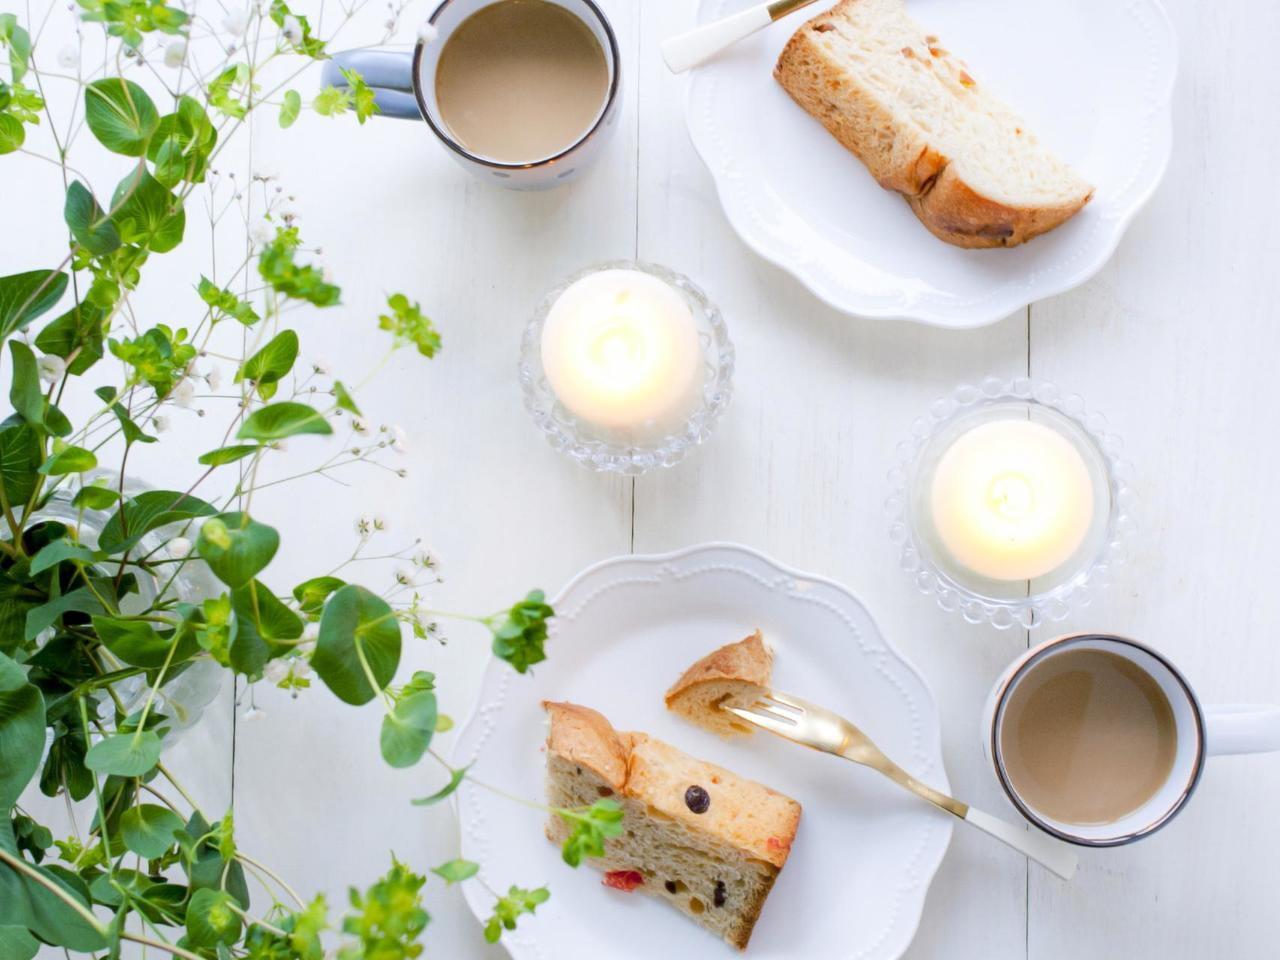 おうち時間を充実!おしゃれでかわいい#おうちカフェInstagram人気投稿まとめ